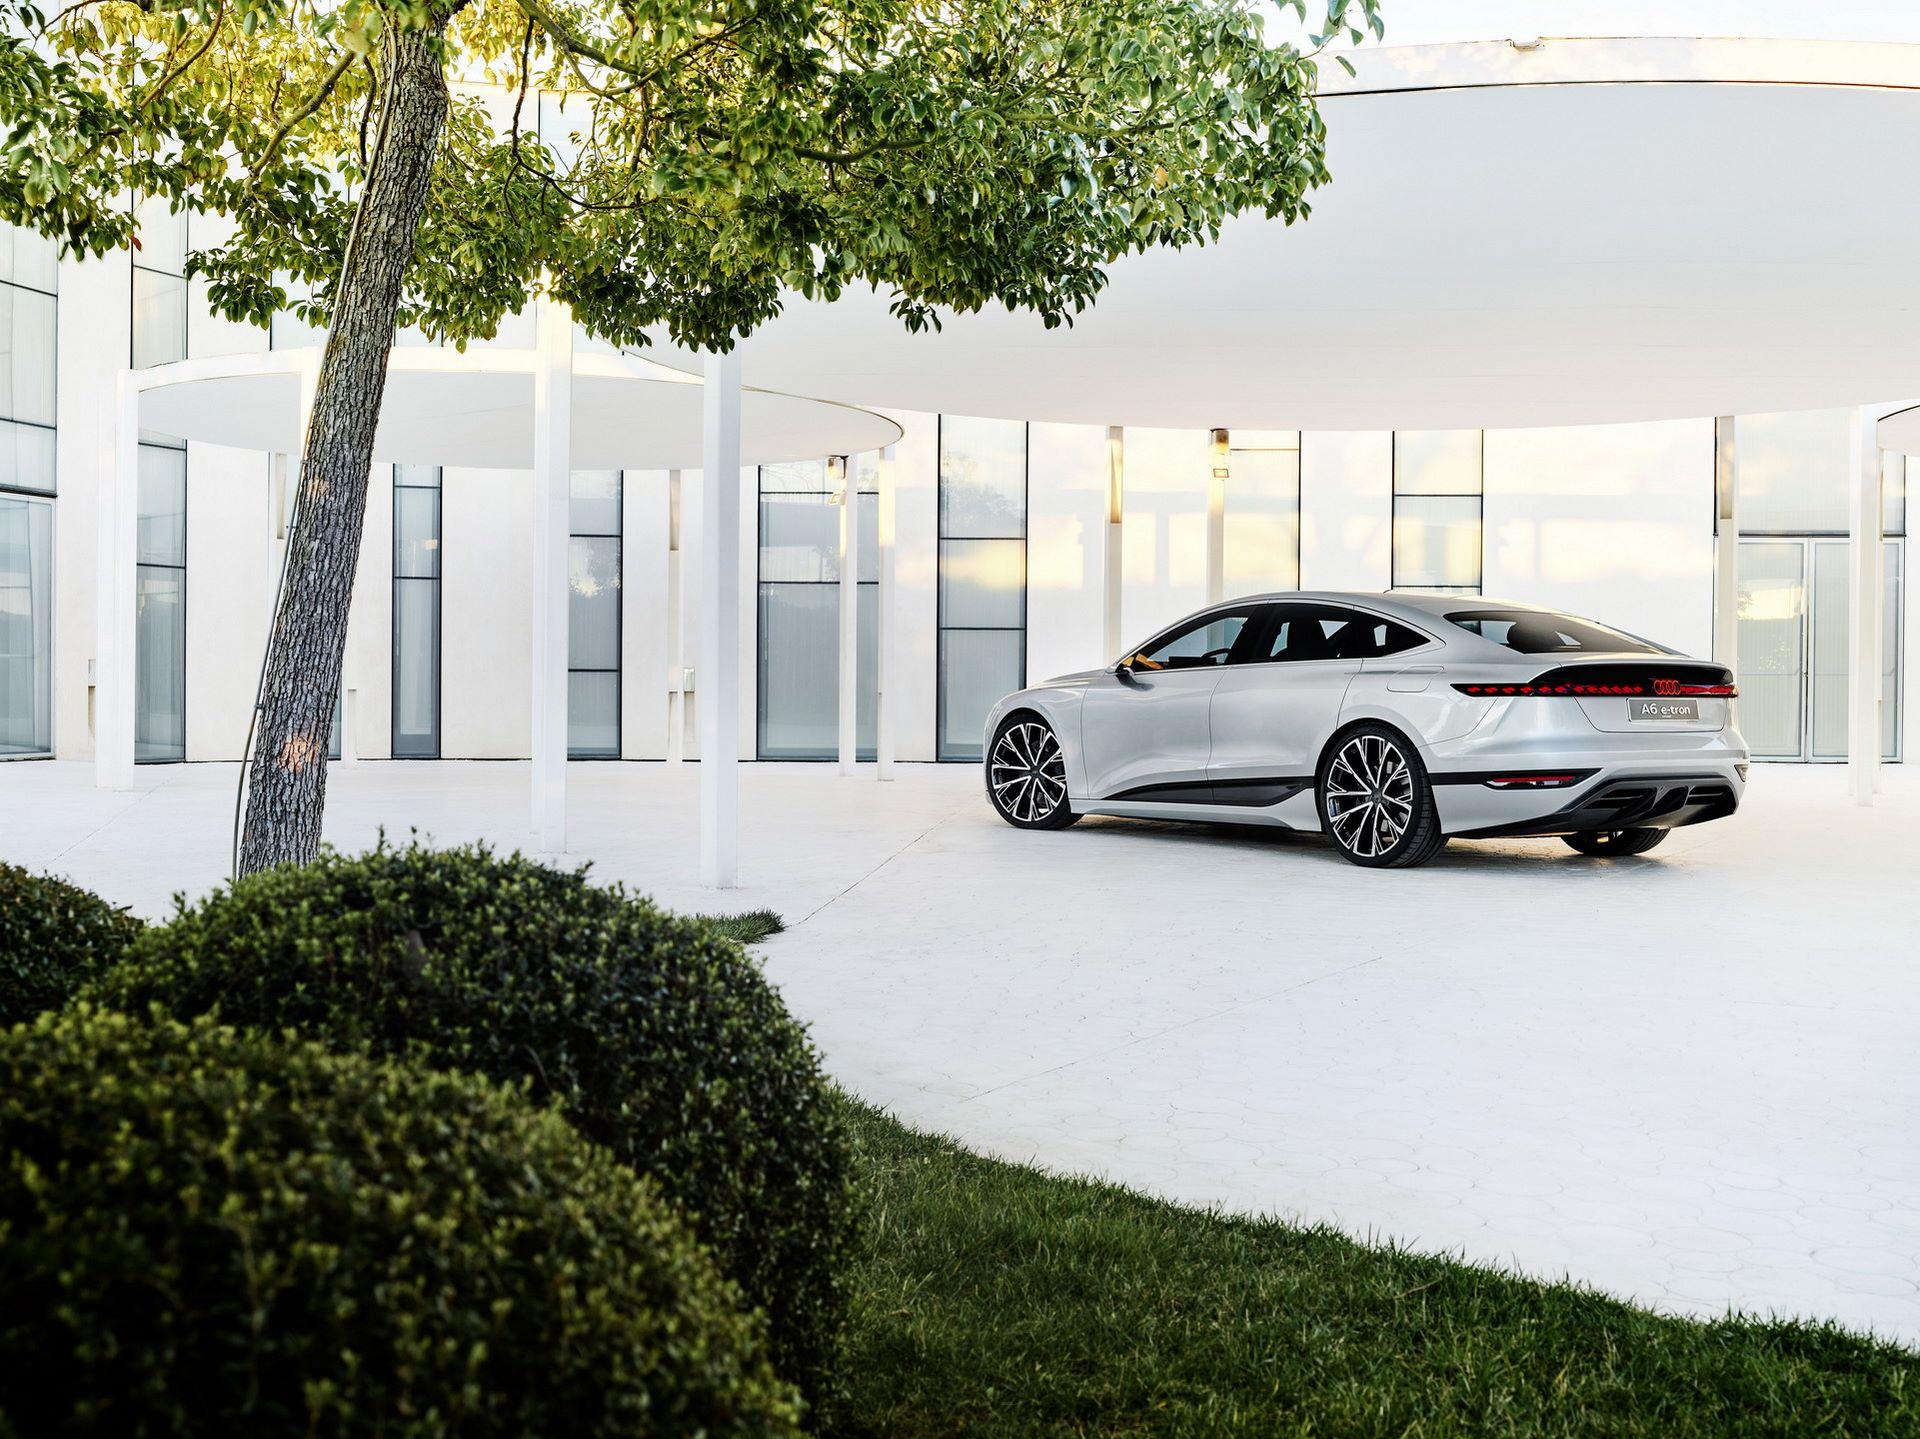 Audi-A6-e-tron-concept-24